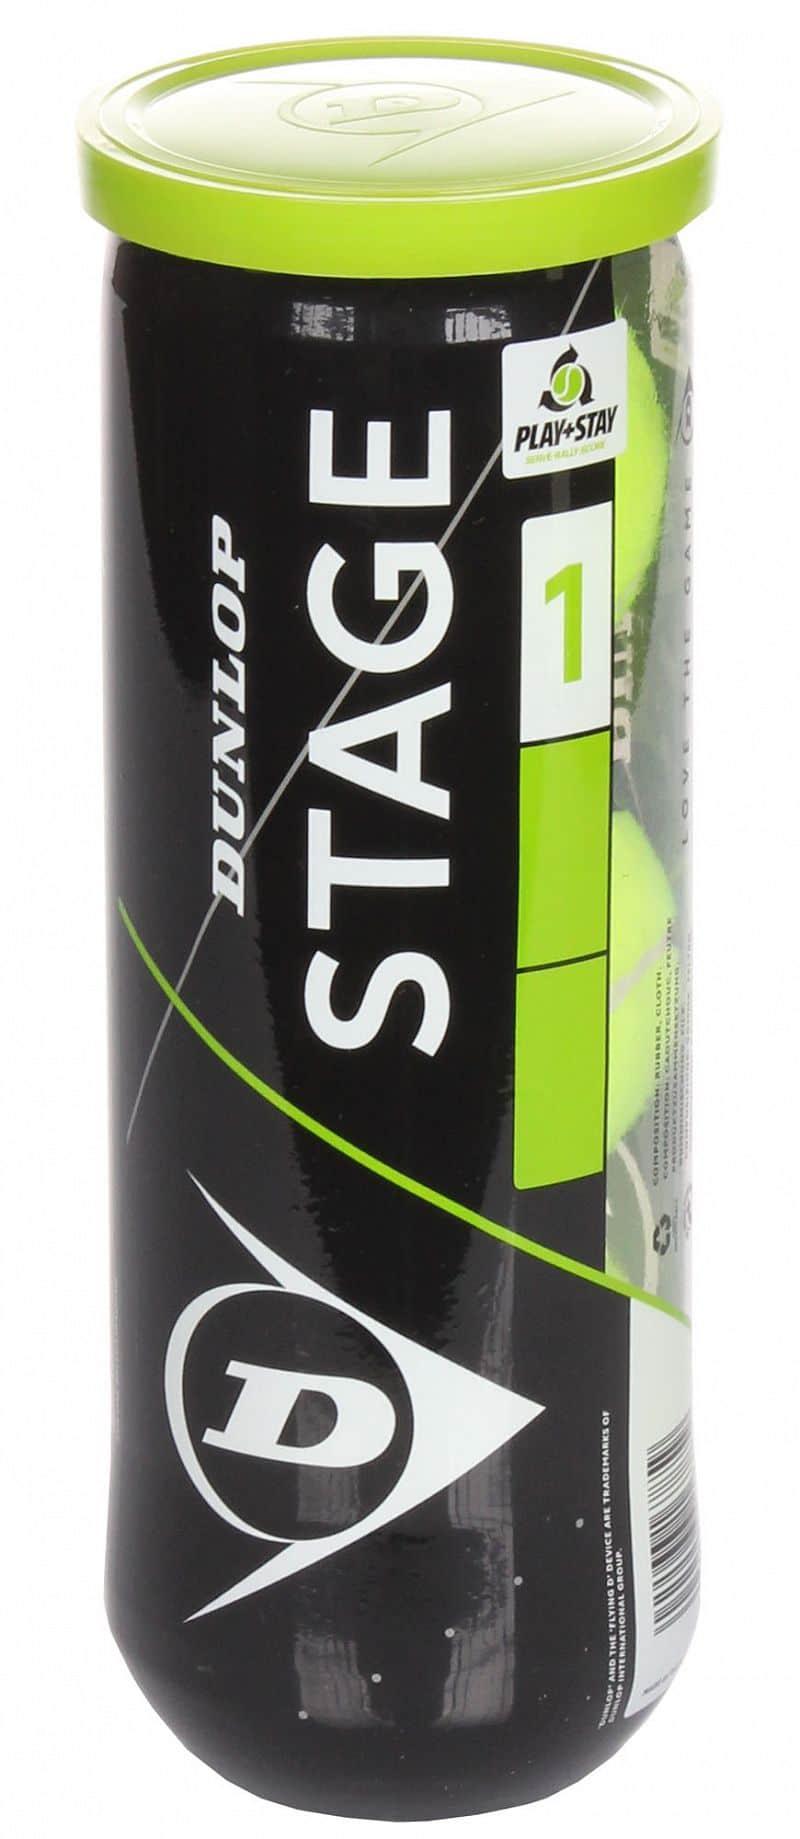 Stage 1 Green Mini tenisové míče, středně tvrdé, 3 ks balení: 3 ks